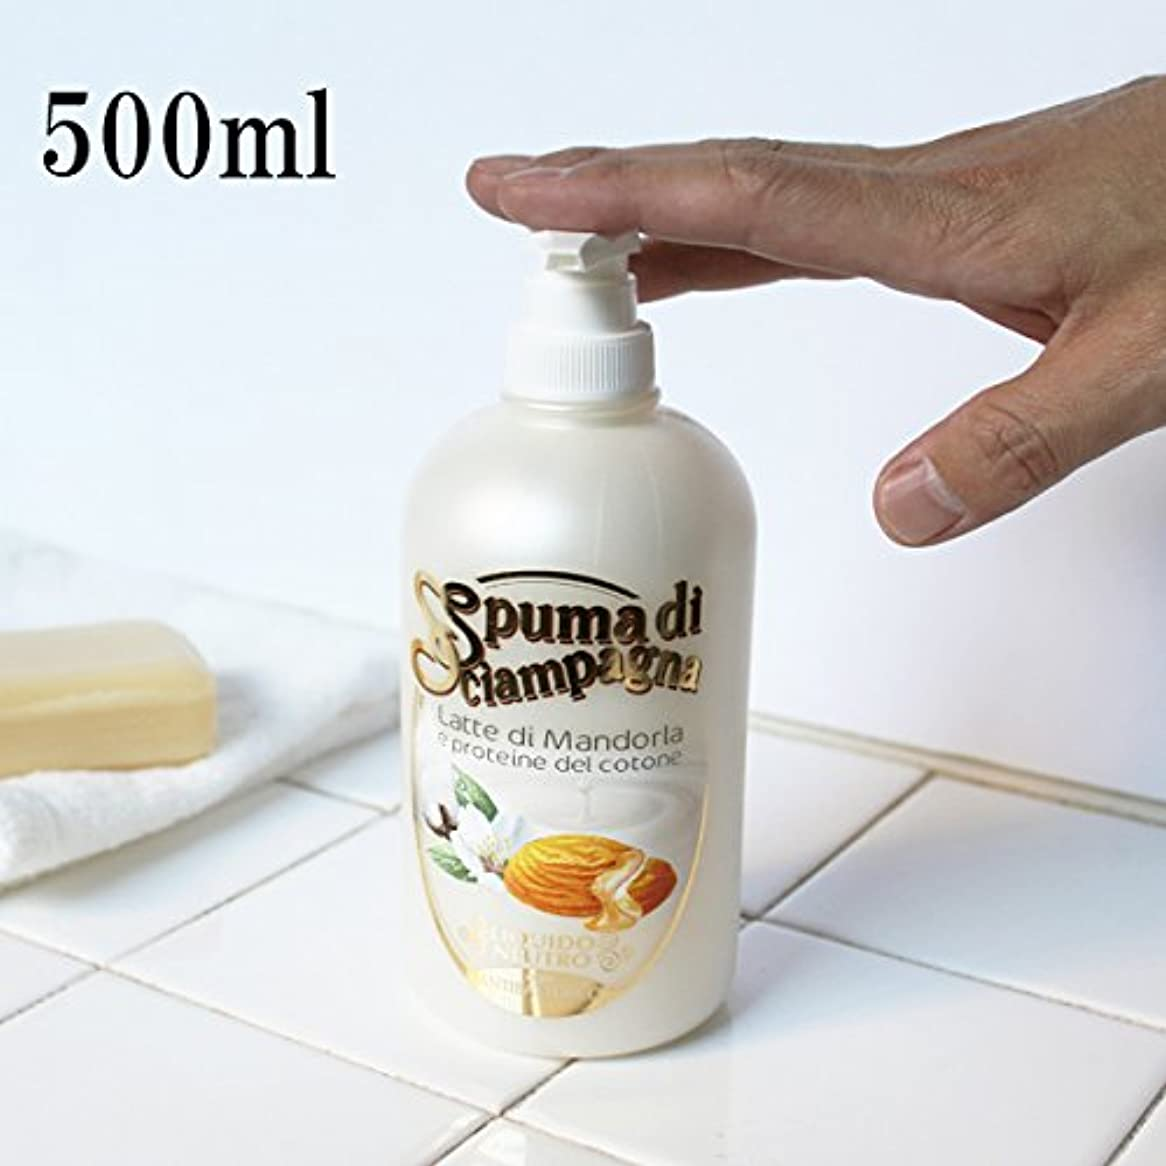 祭りマンハッタンフォアタイプSpuma di Sciampagna (スプーマ ディ シャンパーニャ) リキッドソープ 500ml アーモンドの香り